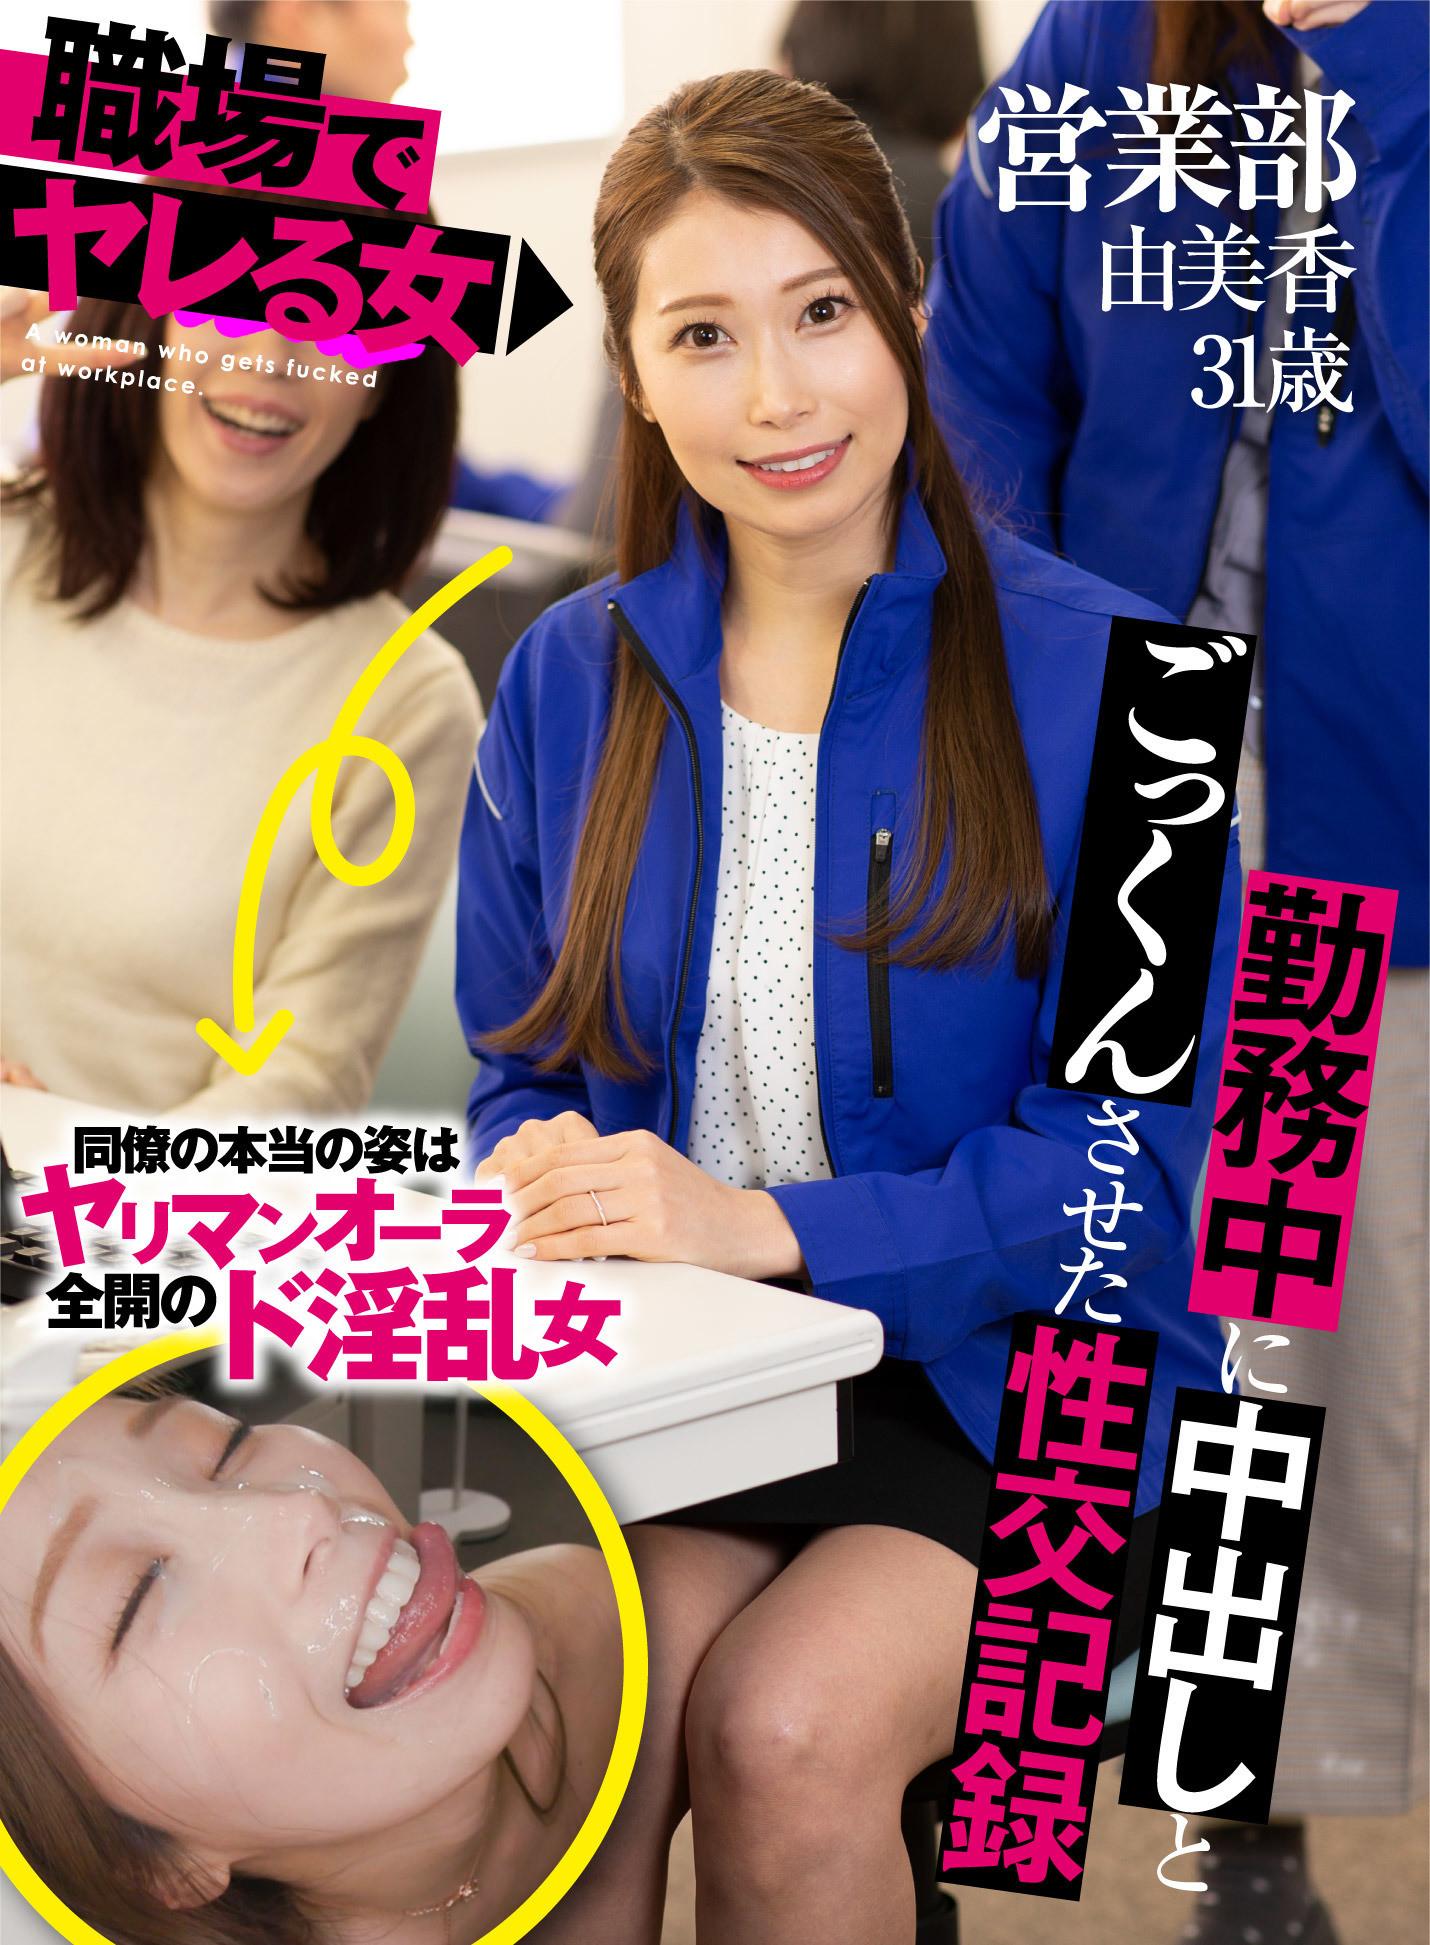 職場でヤレる女 営業部由美香 31歳 勤務中に生でハメて膣内射精した性交記録,のサンプル画像1